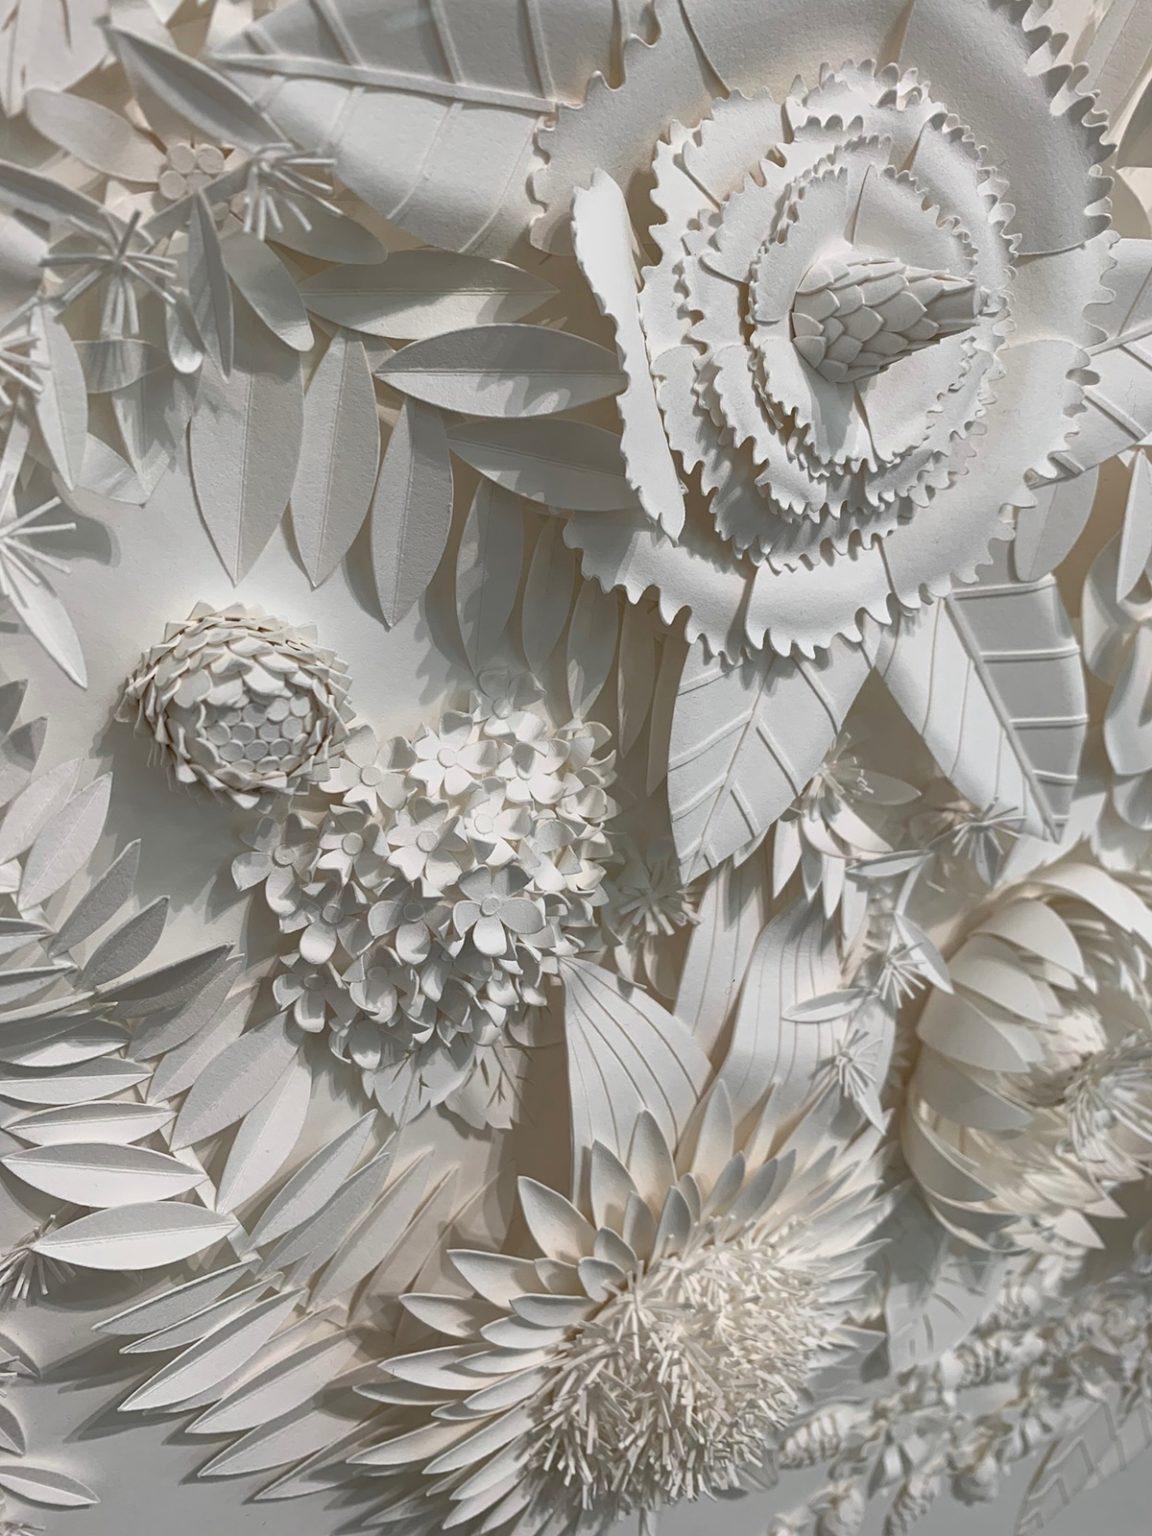 tara lee bennett lush paper paper flowers 11